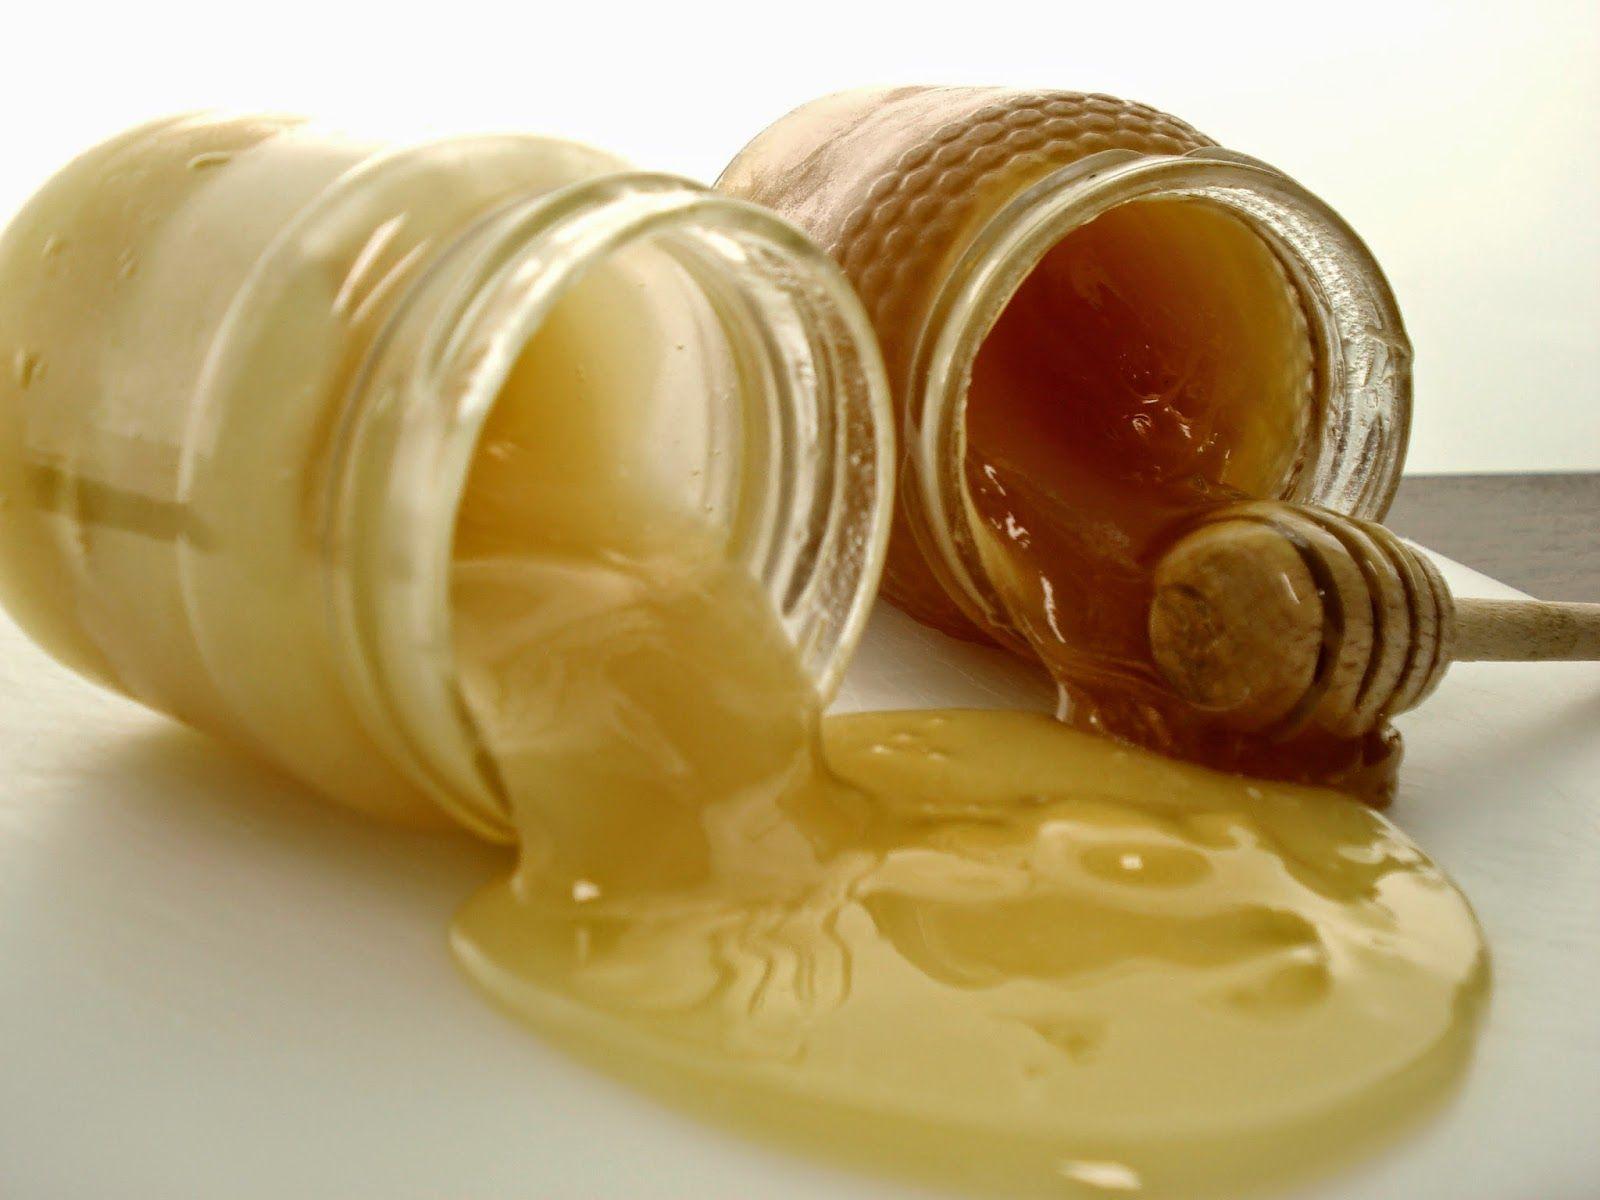 Productos de Aquí, Gran Canaria: Miel: Una delicia sana